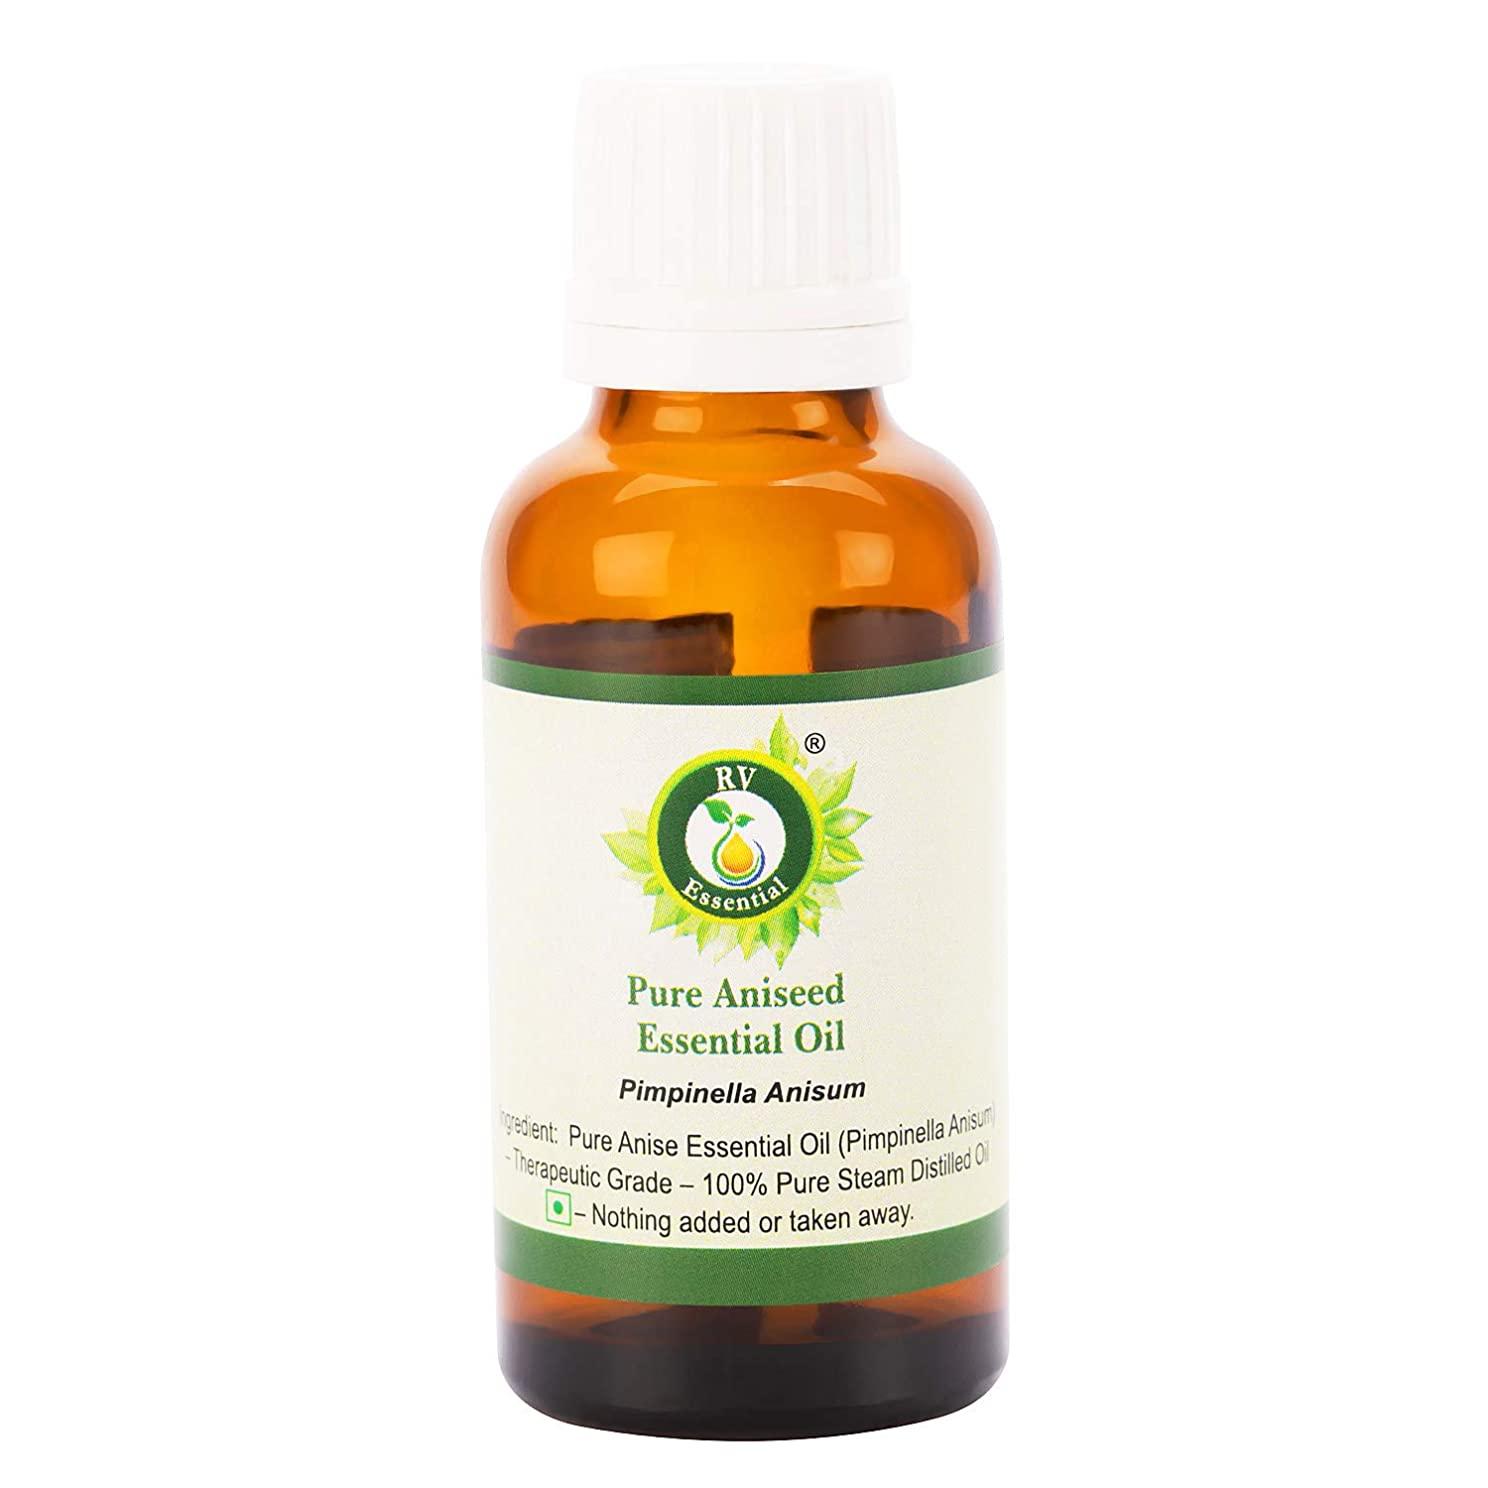 リスナー講師凍結ピュアAniseedエッセンシャルオイル630ml (21oz)- Pimpinella Anisum (100%純粋&天然スチームDistilled) Pure Aniseed Essential Oil